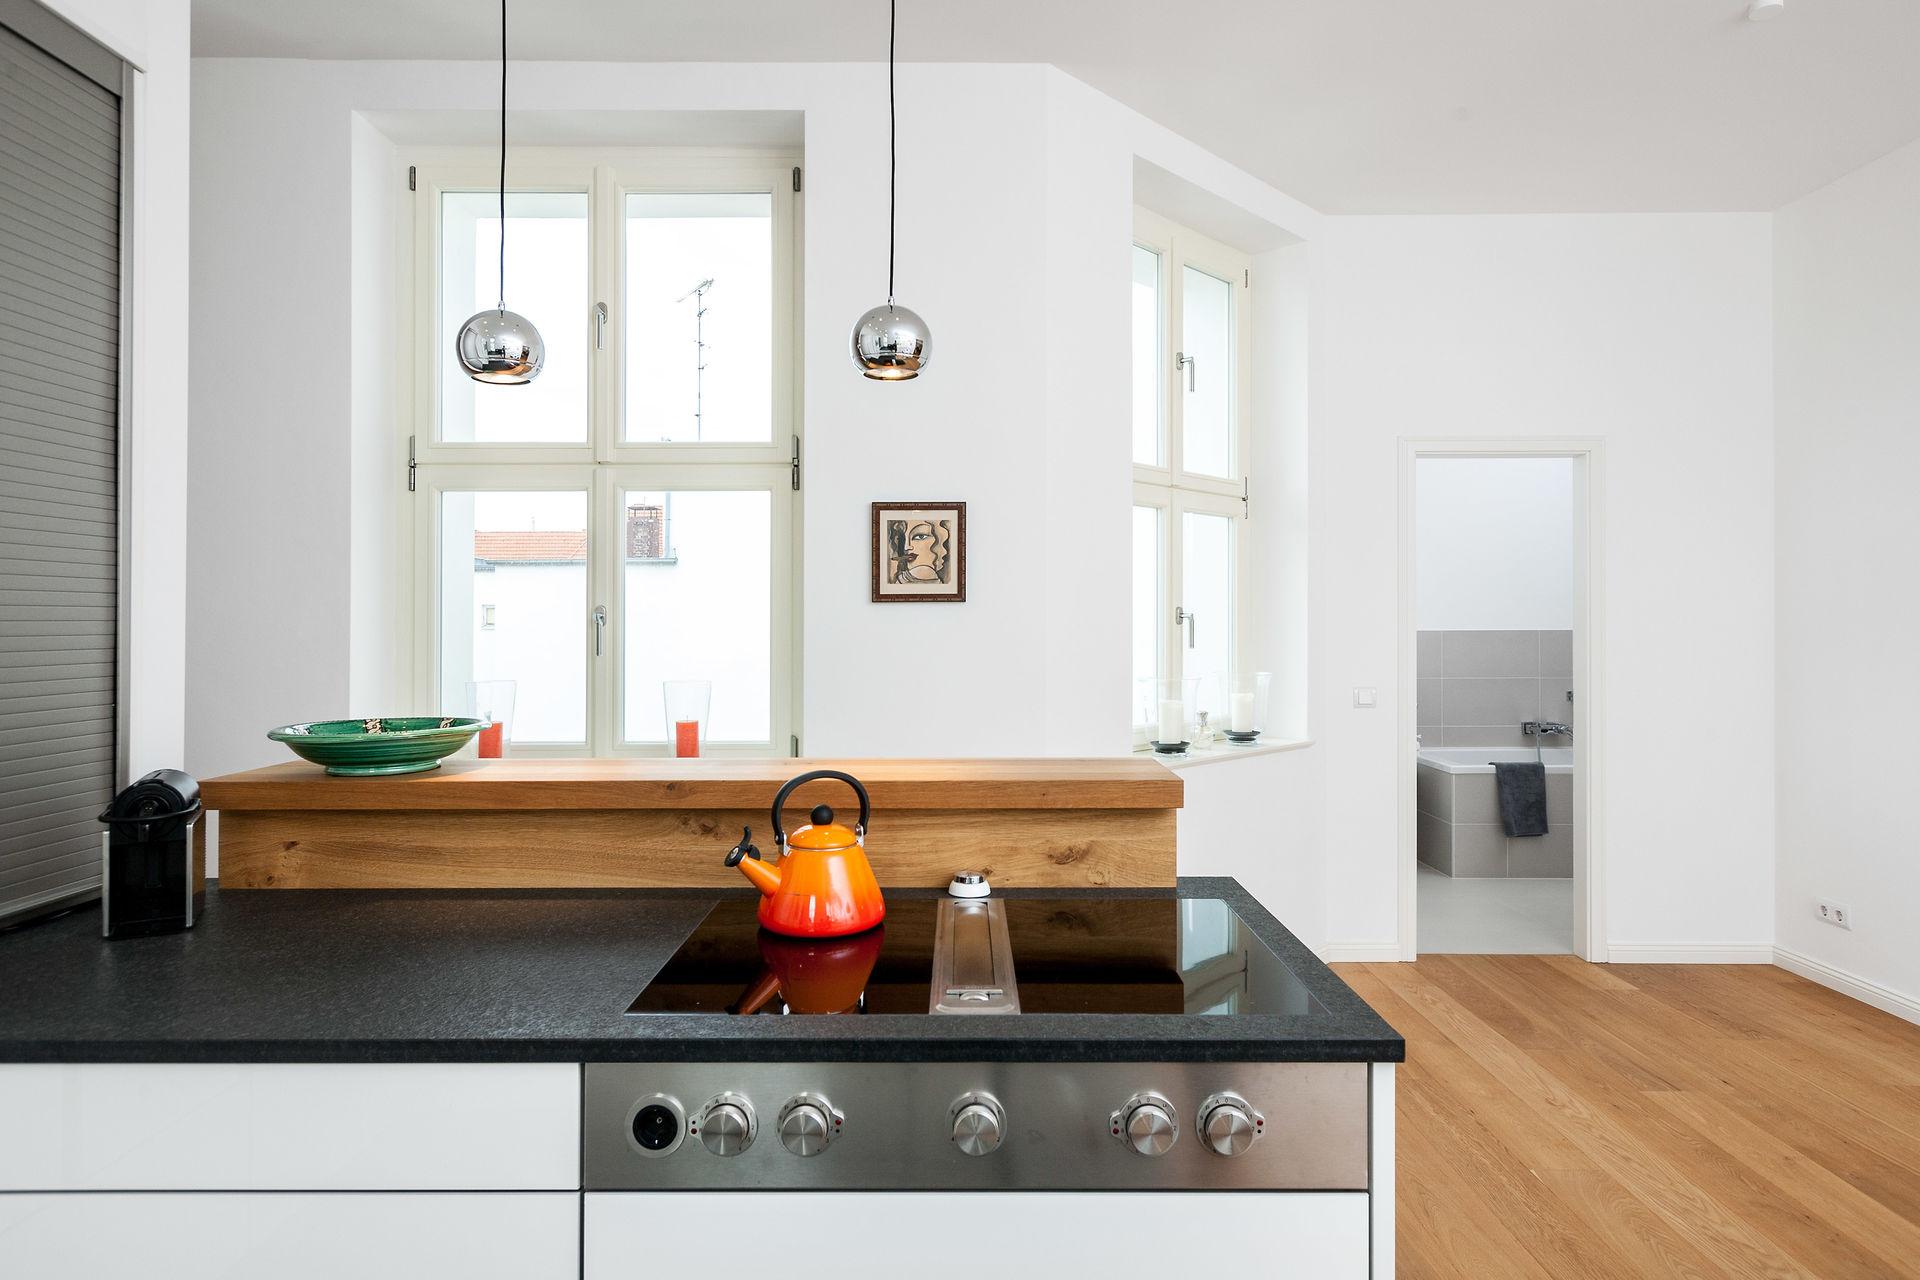 Schön Küchendesign In Ri Zeitgenössisch - Ideen Für Die Küche ...